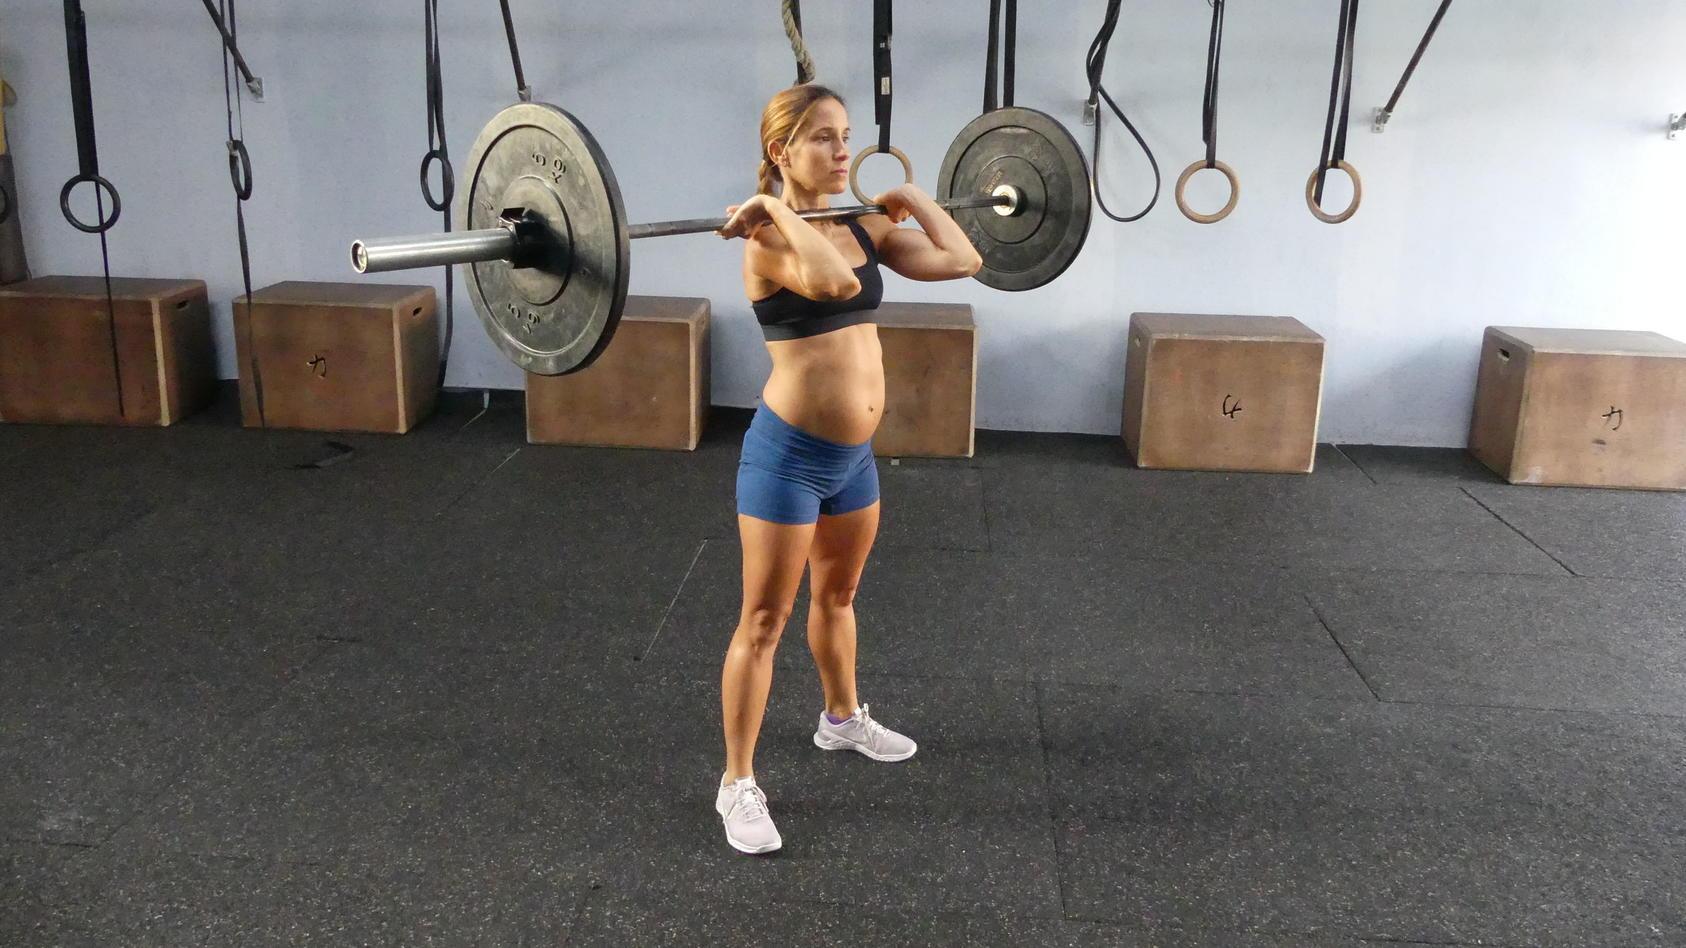 Eine untrainierte Frau sollte in der Schwangerschaft nicht mit dem Gewichtheben anfangen. Für Estefanía gehört das immer noch zum normalen Training. Auf dem Foto ist sie im 6. Monat schwanger.